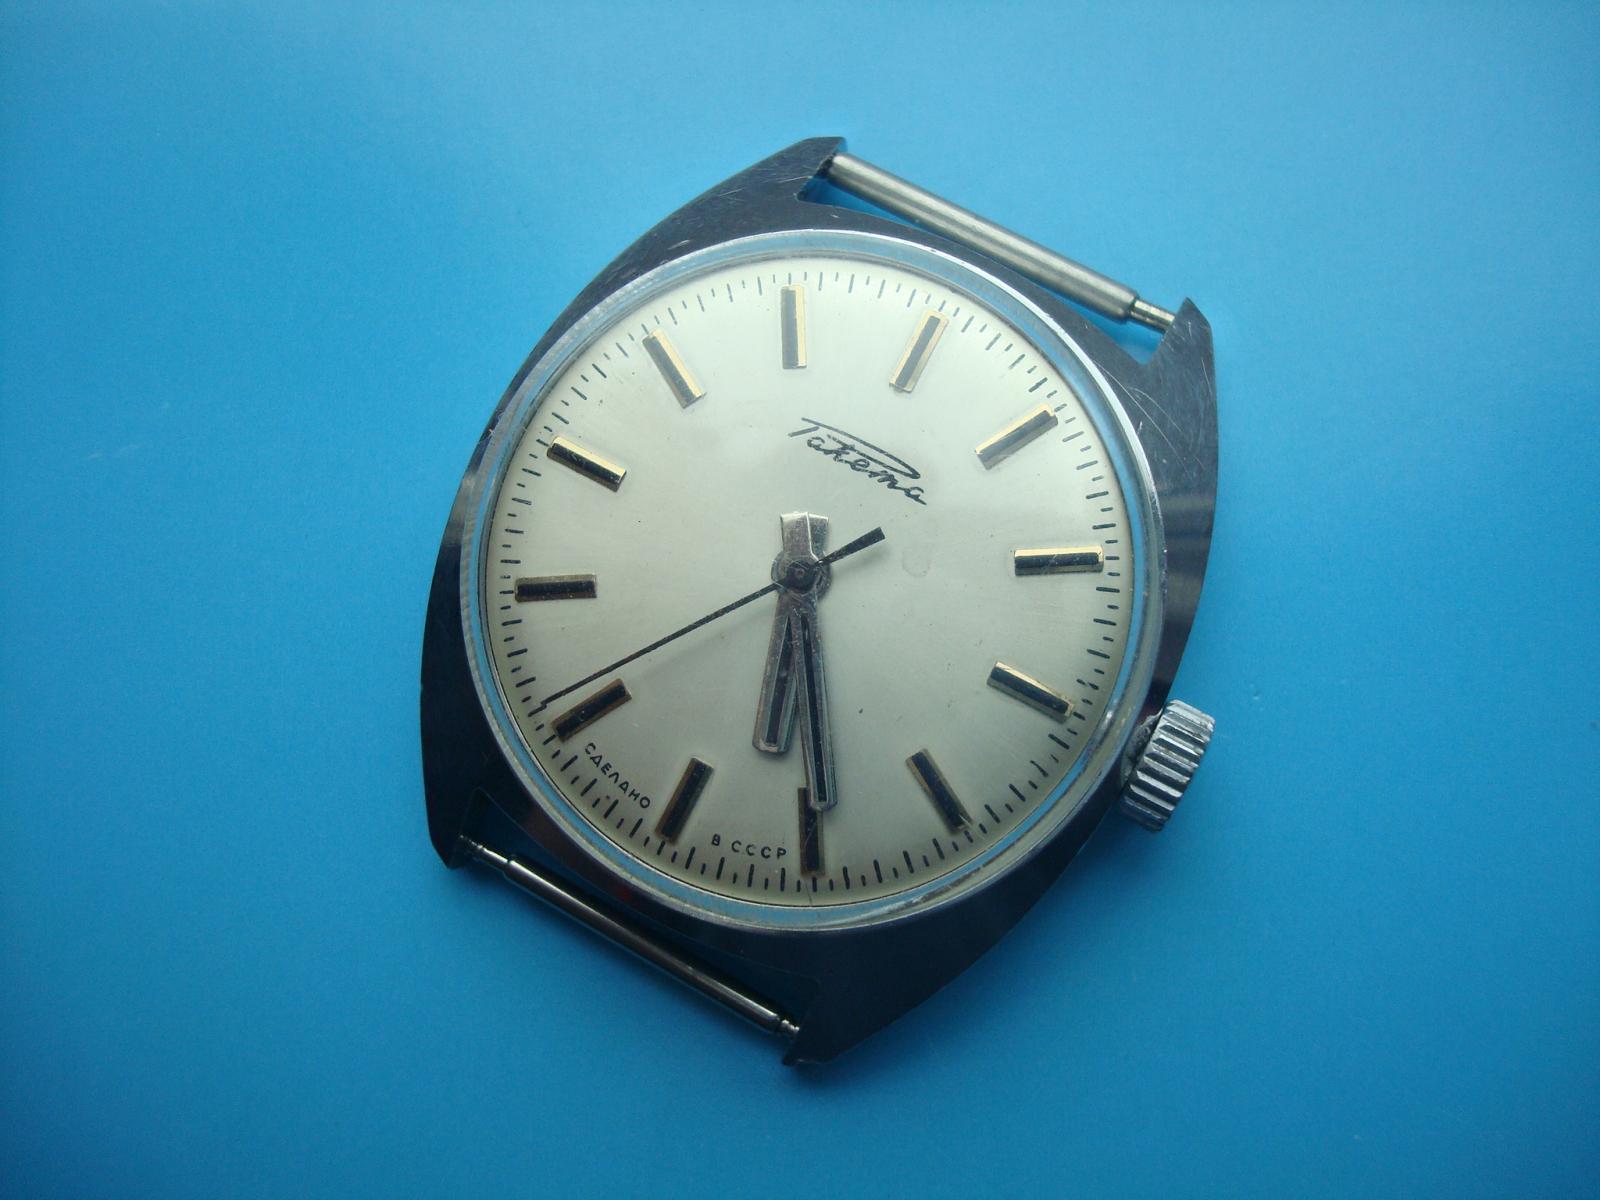 Продать ракета где часы золотые часы продать антикварные